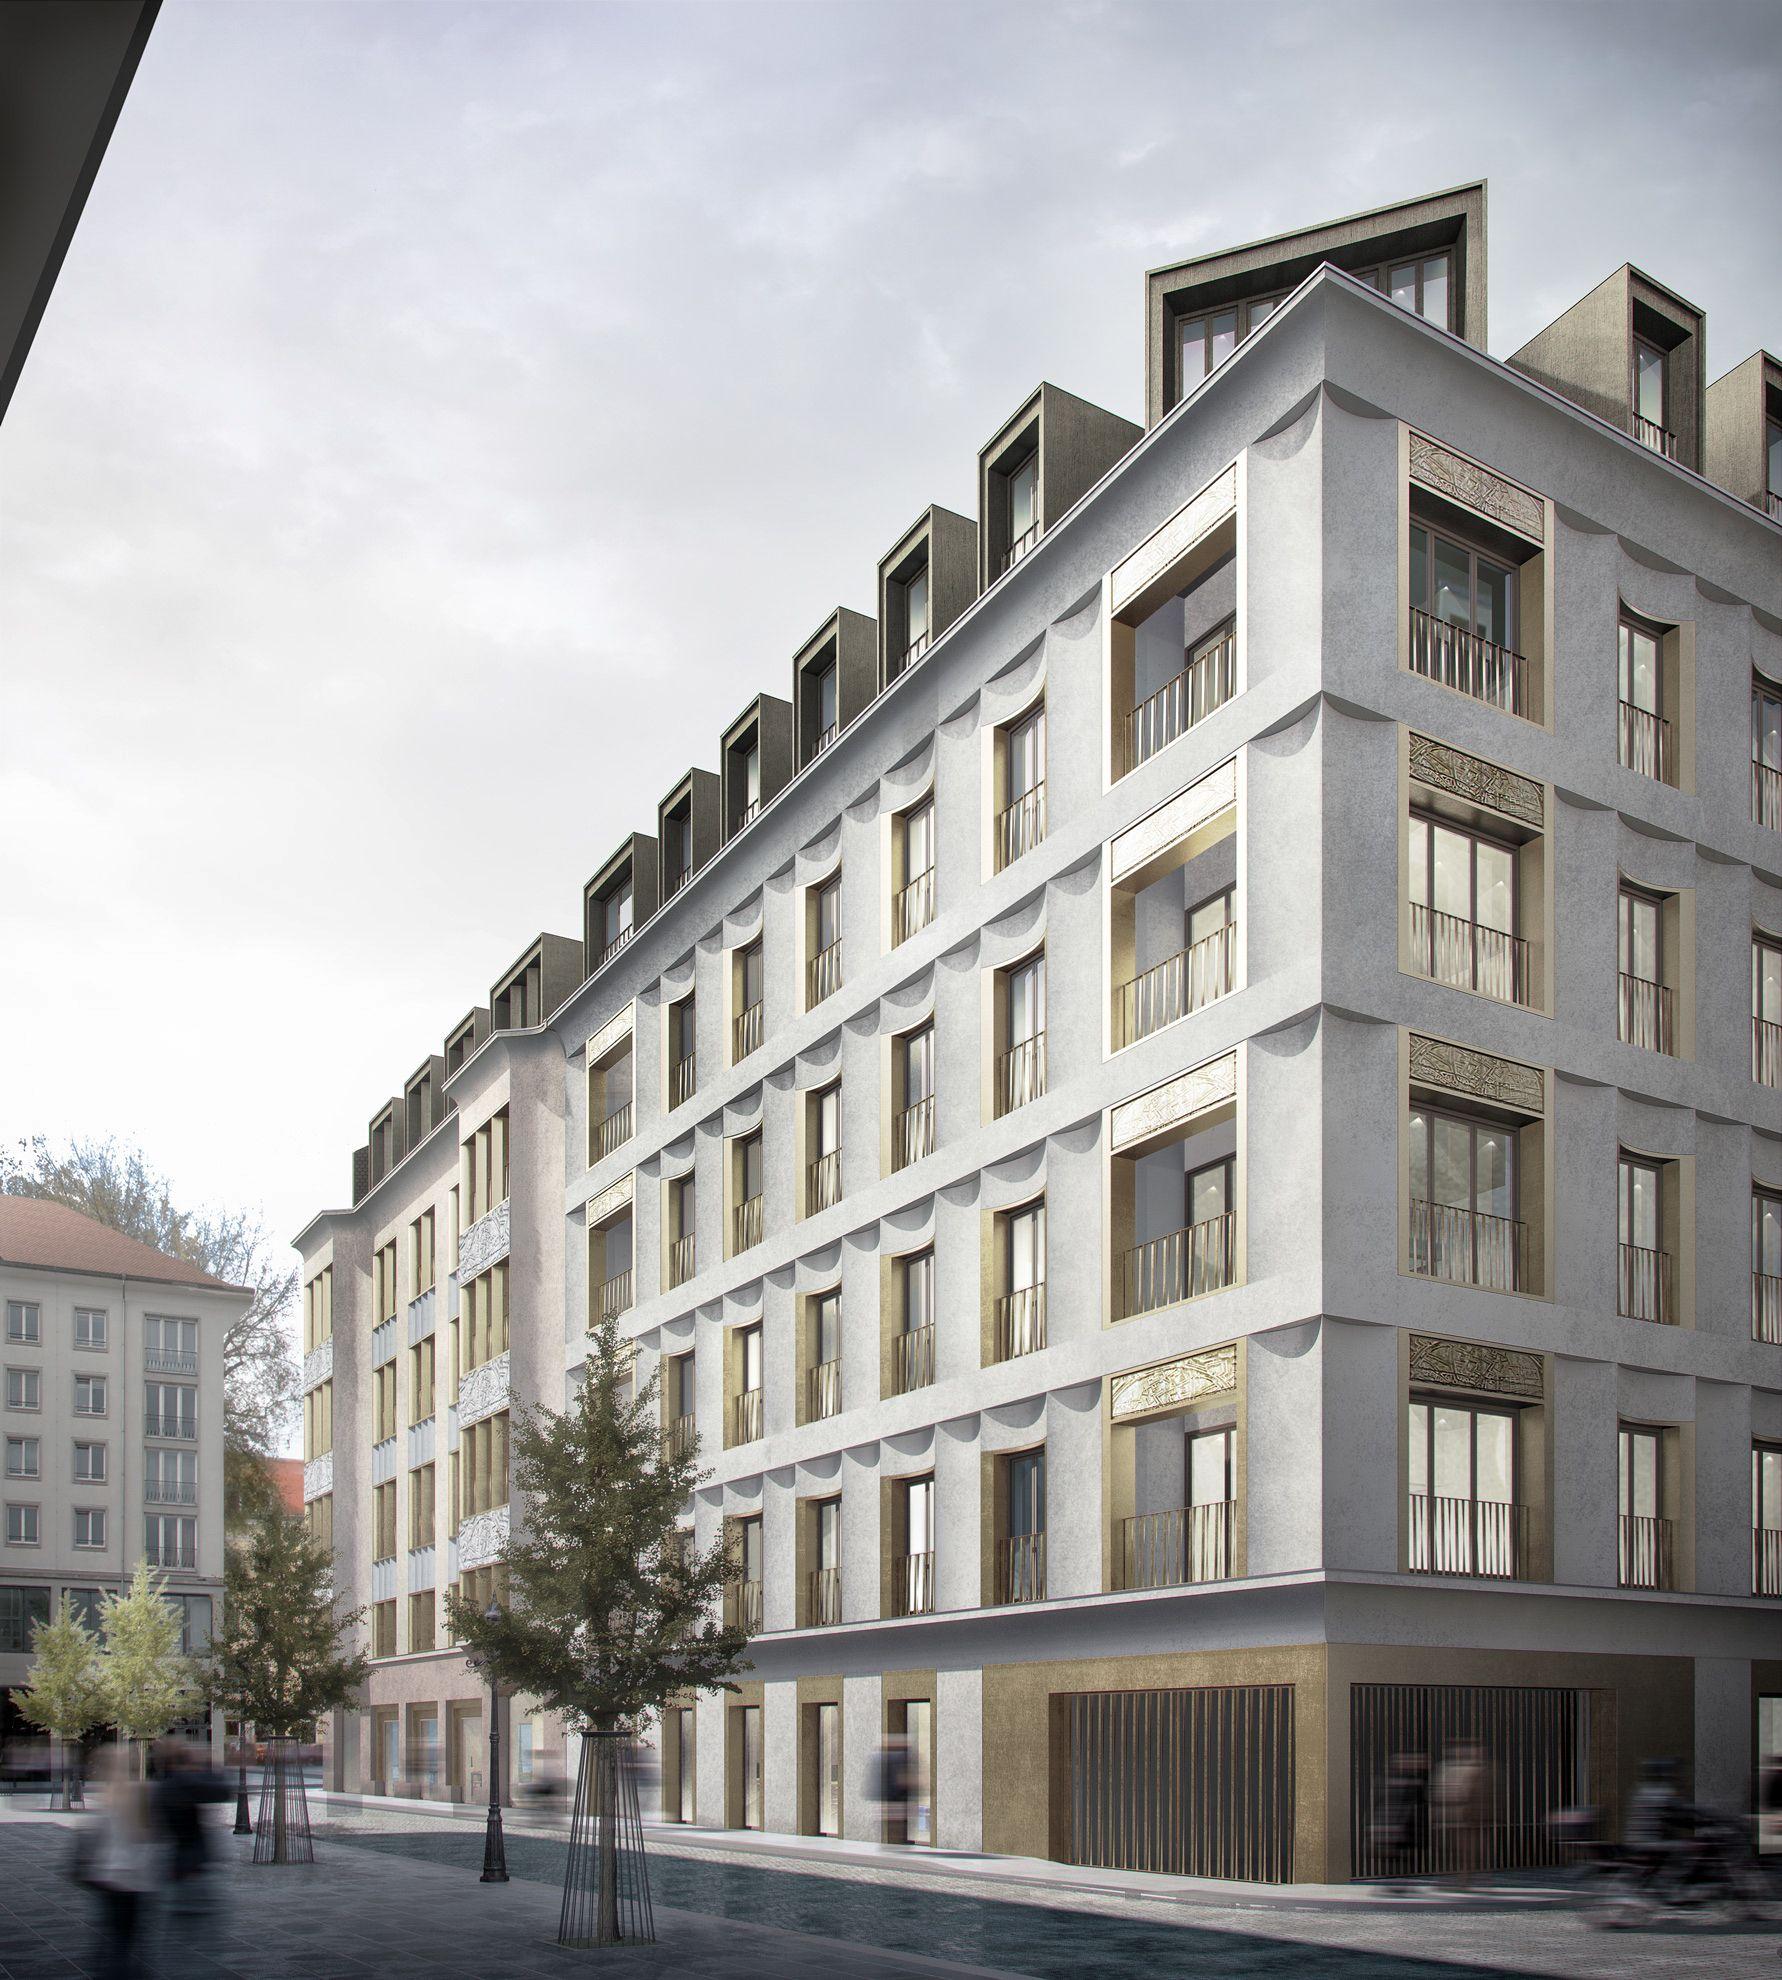 bd70061fd8fade4eaa992a3845bb9e47 Elegantes 3 Zimmer Wohnung Lörrach Dekorationen